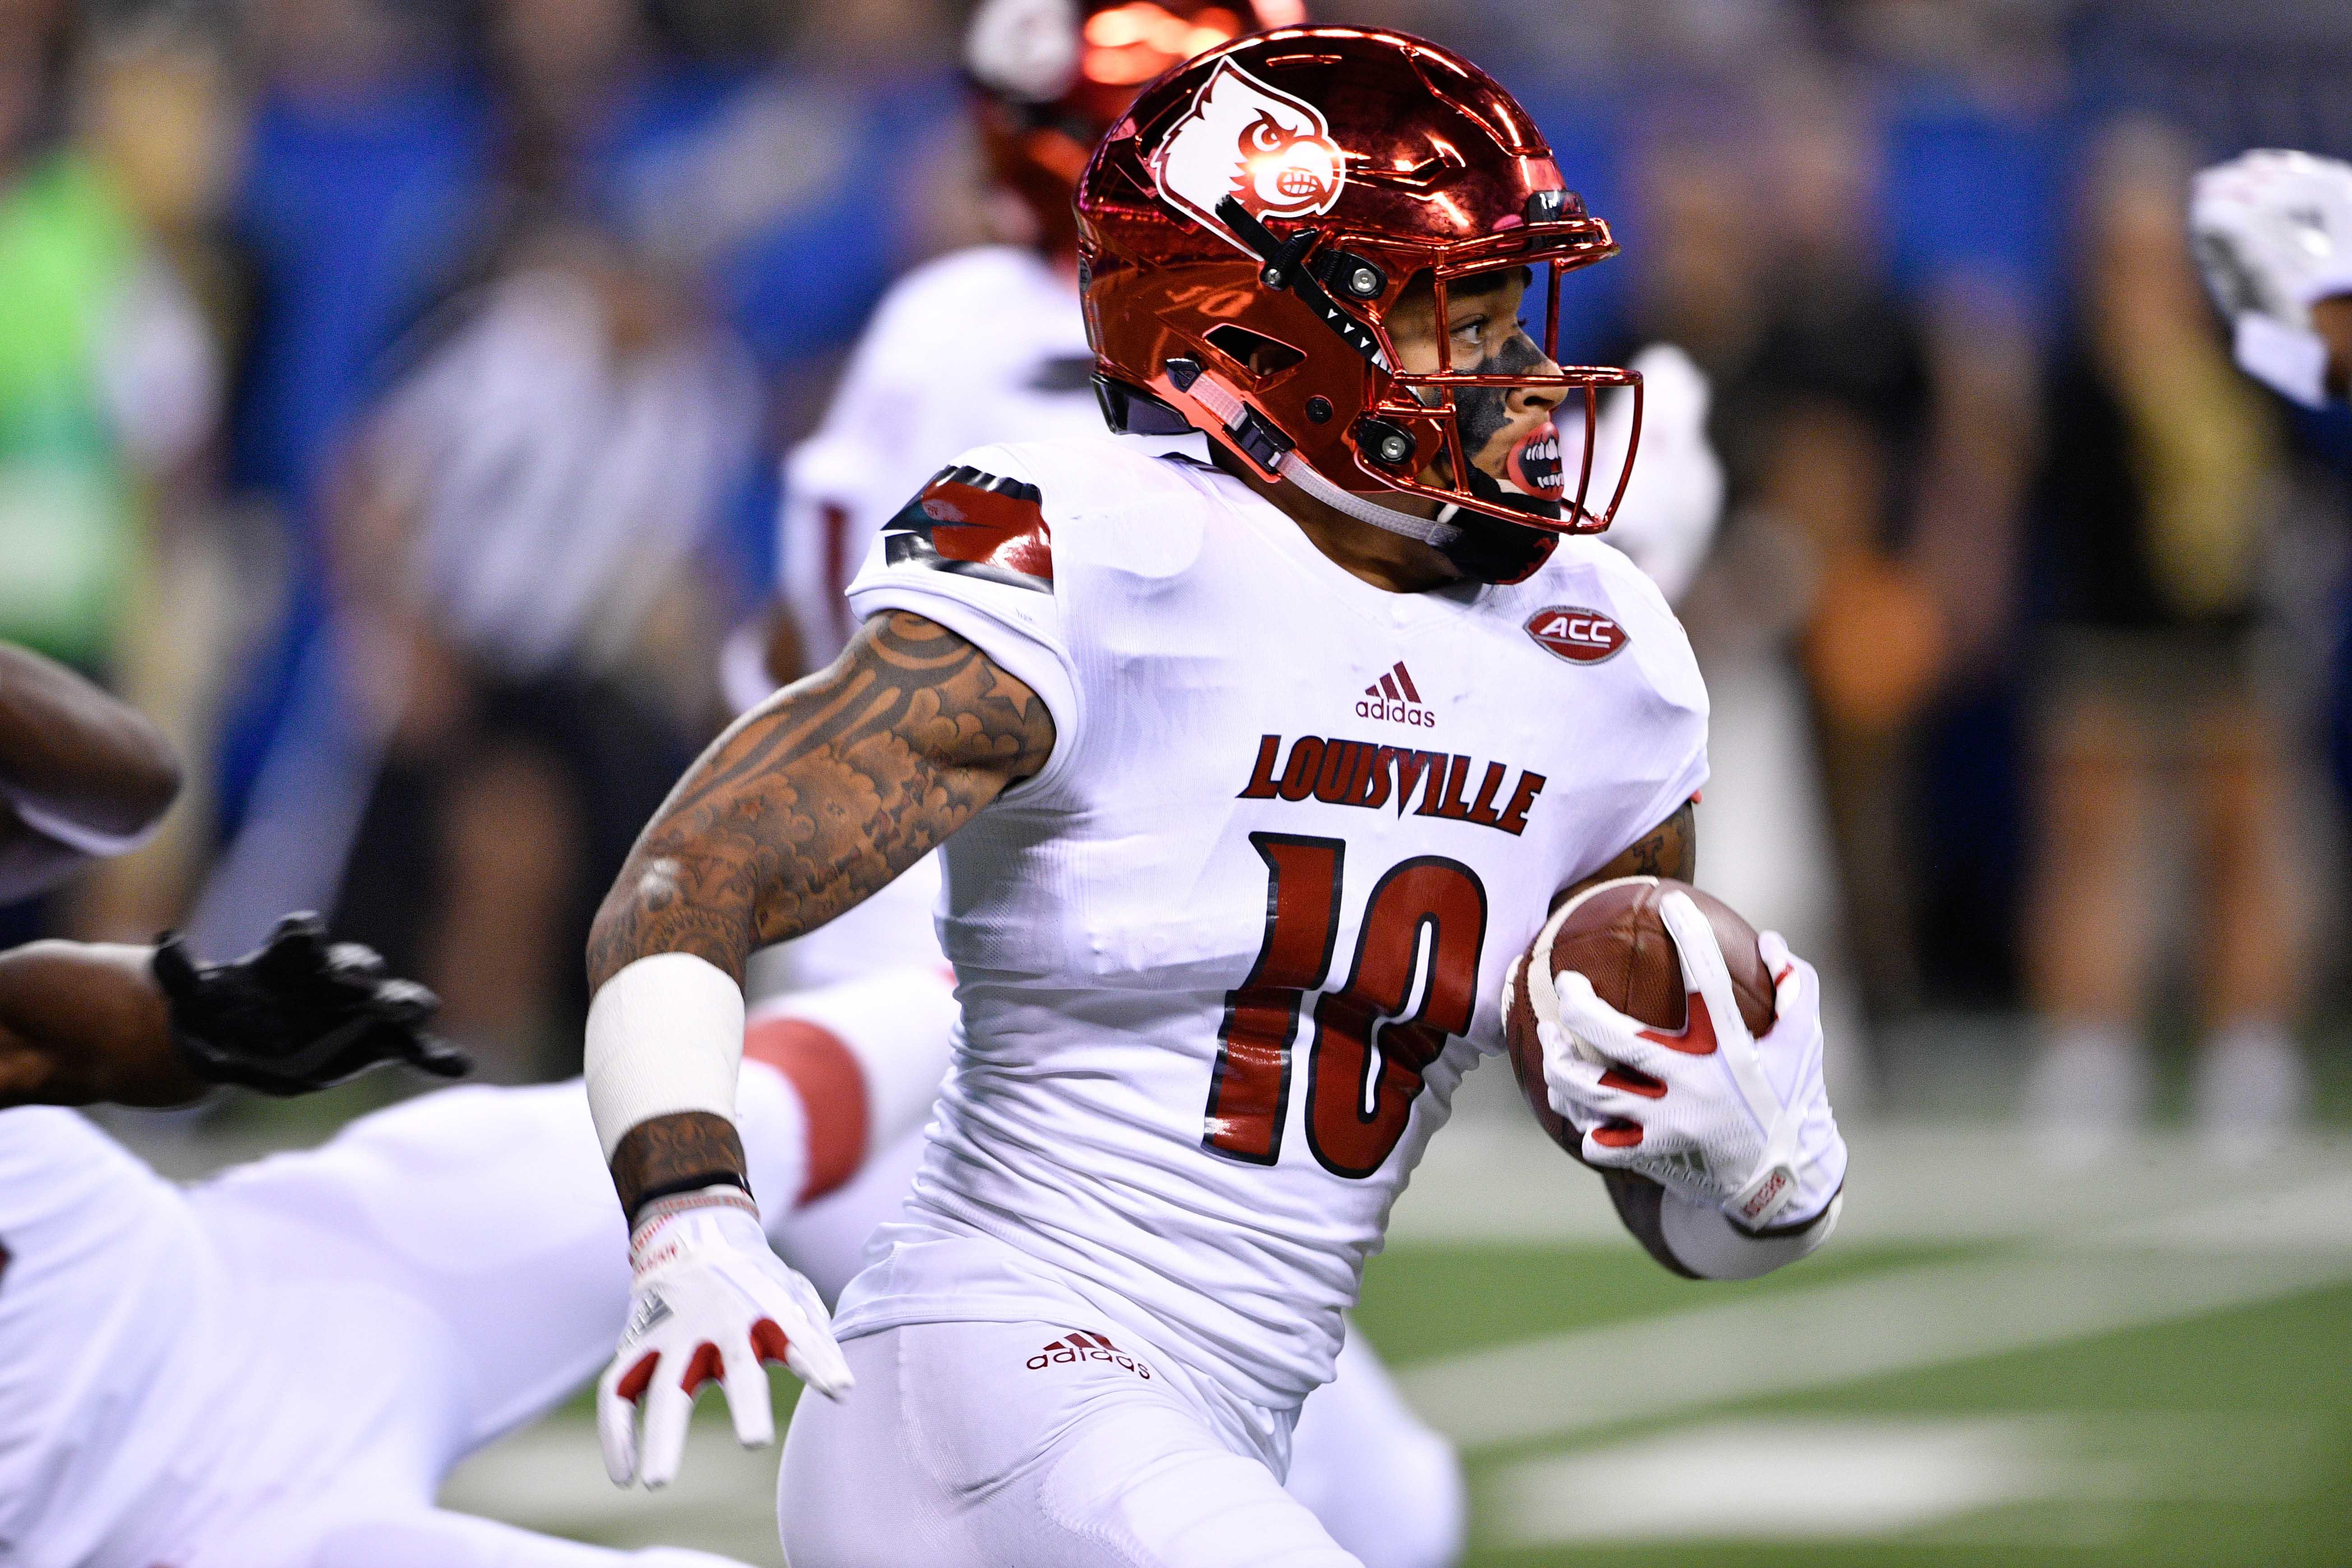 NCAA Football: Louisville vs Purdue